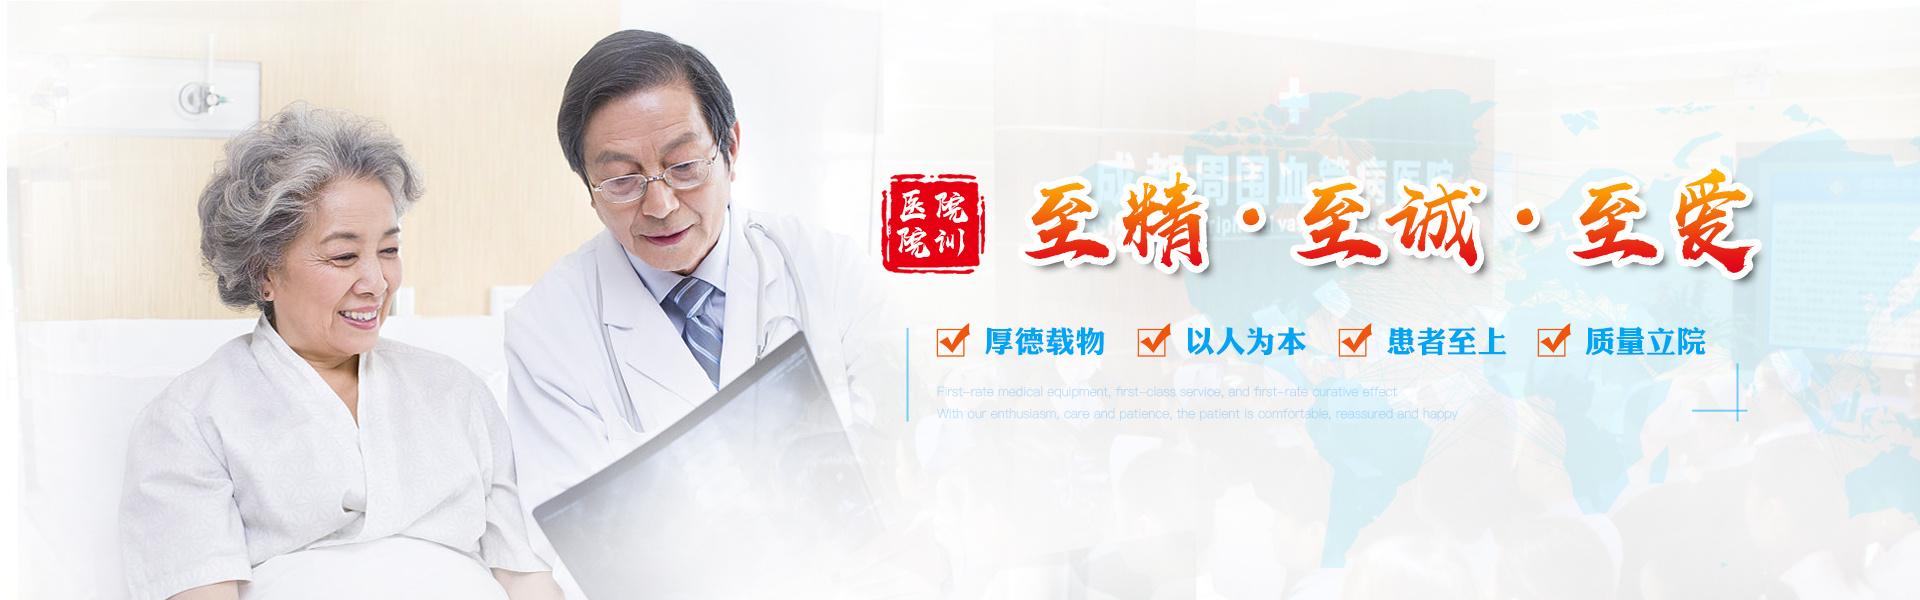 医院网站开发时需要重视哪些细节方面的工作?